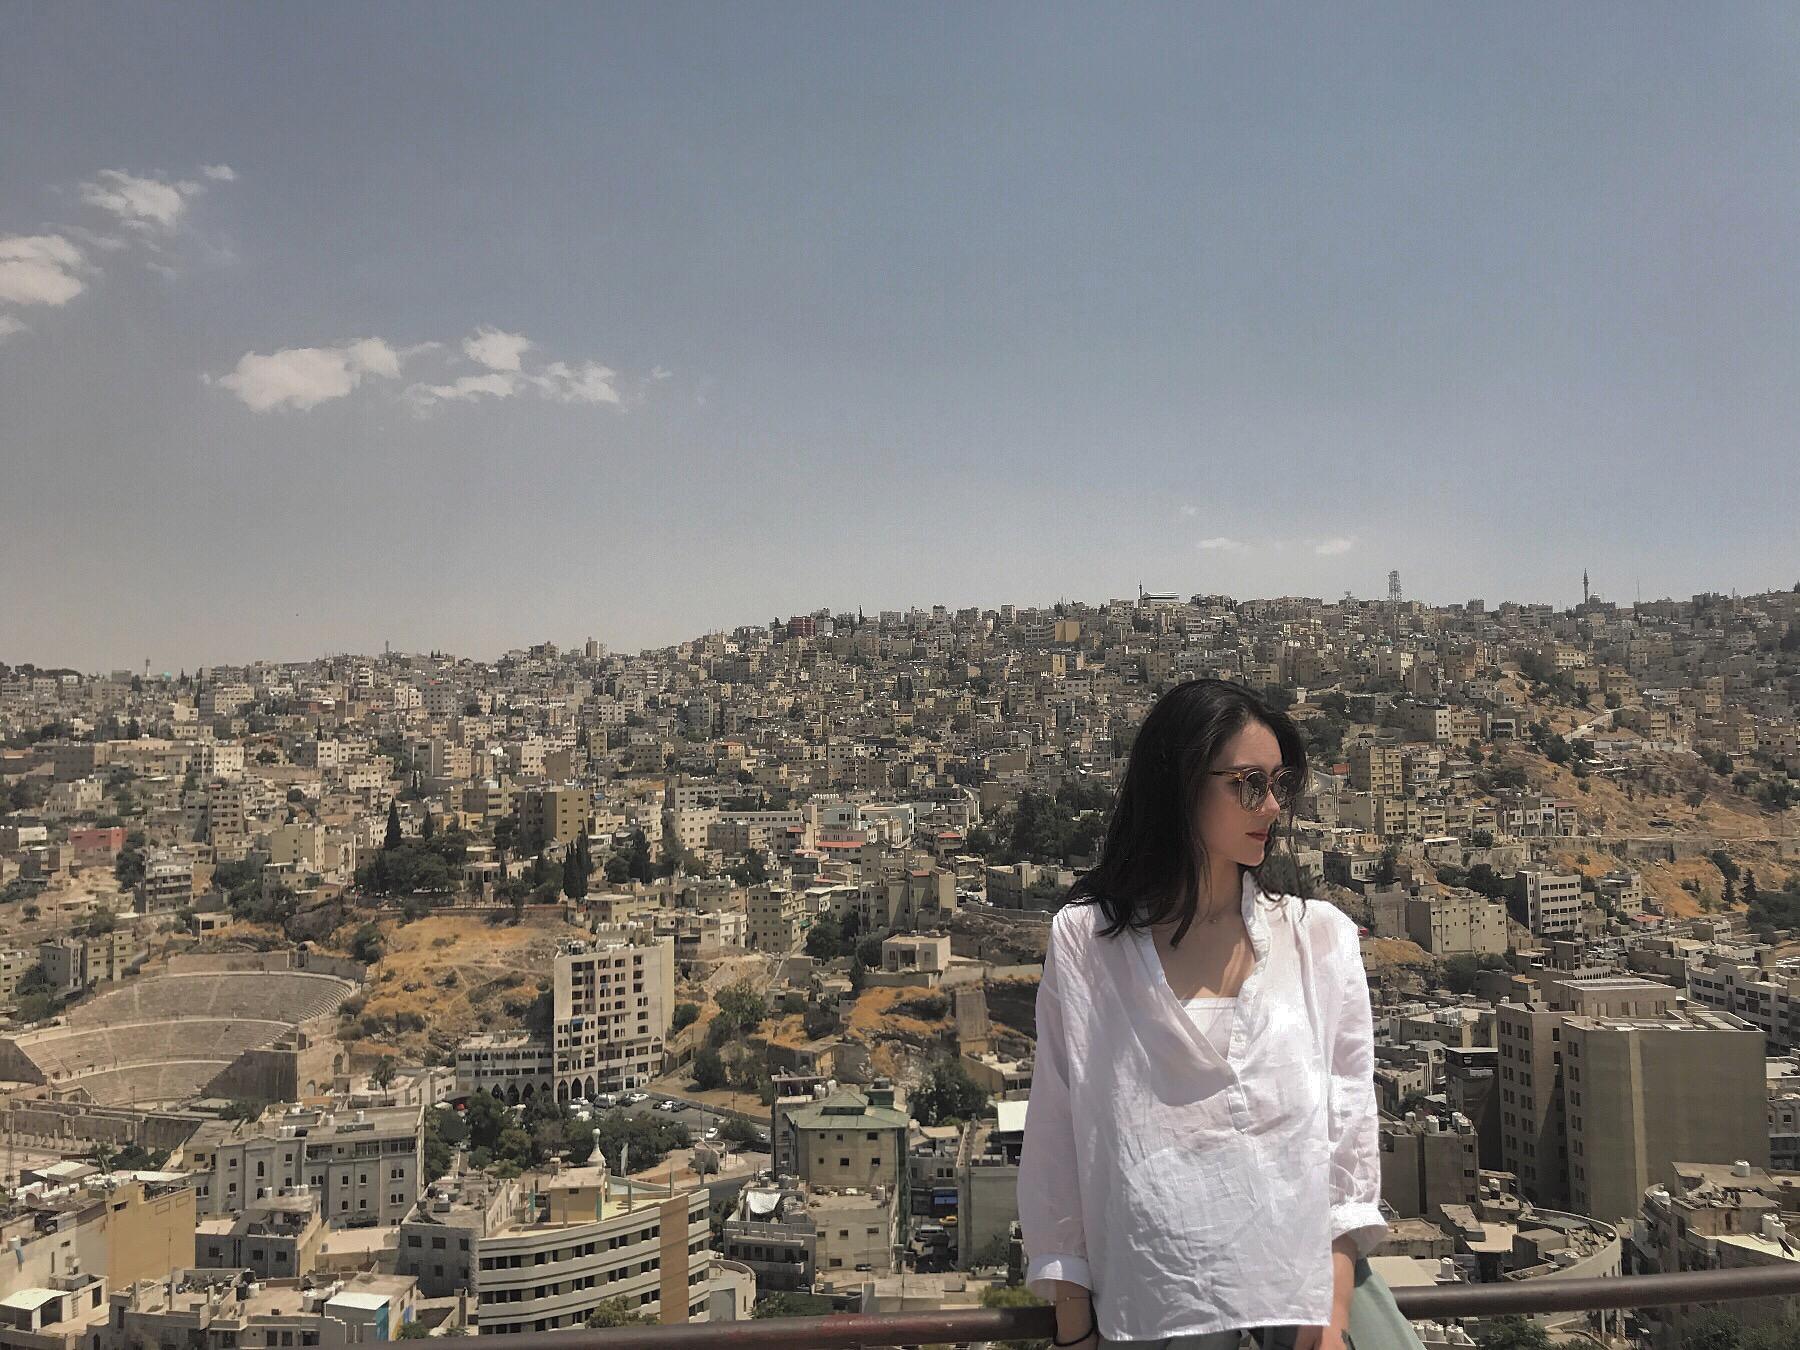 ·一路向南-关于约旦的玫红色回忆_游记